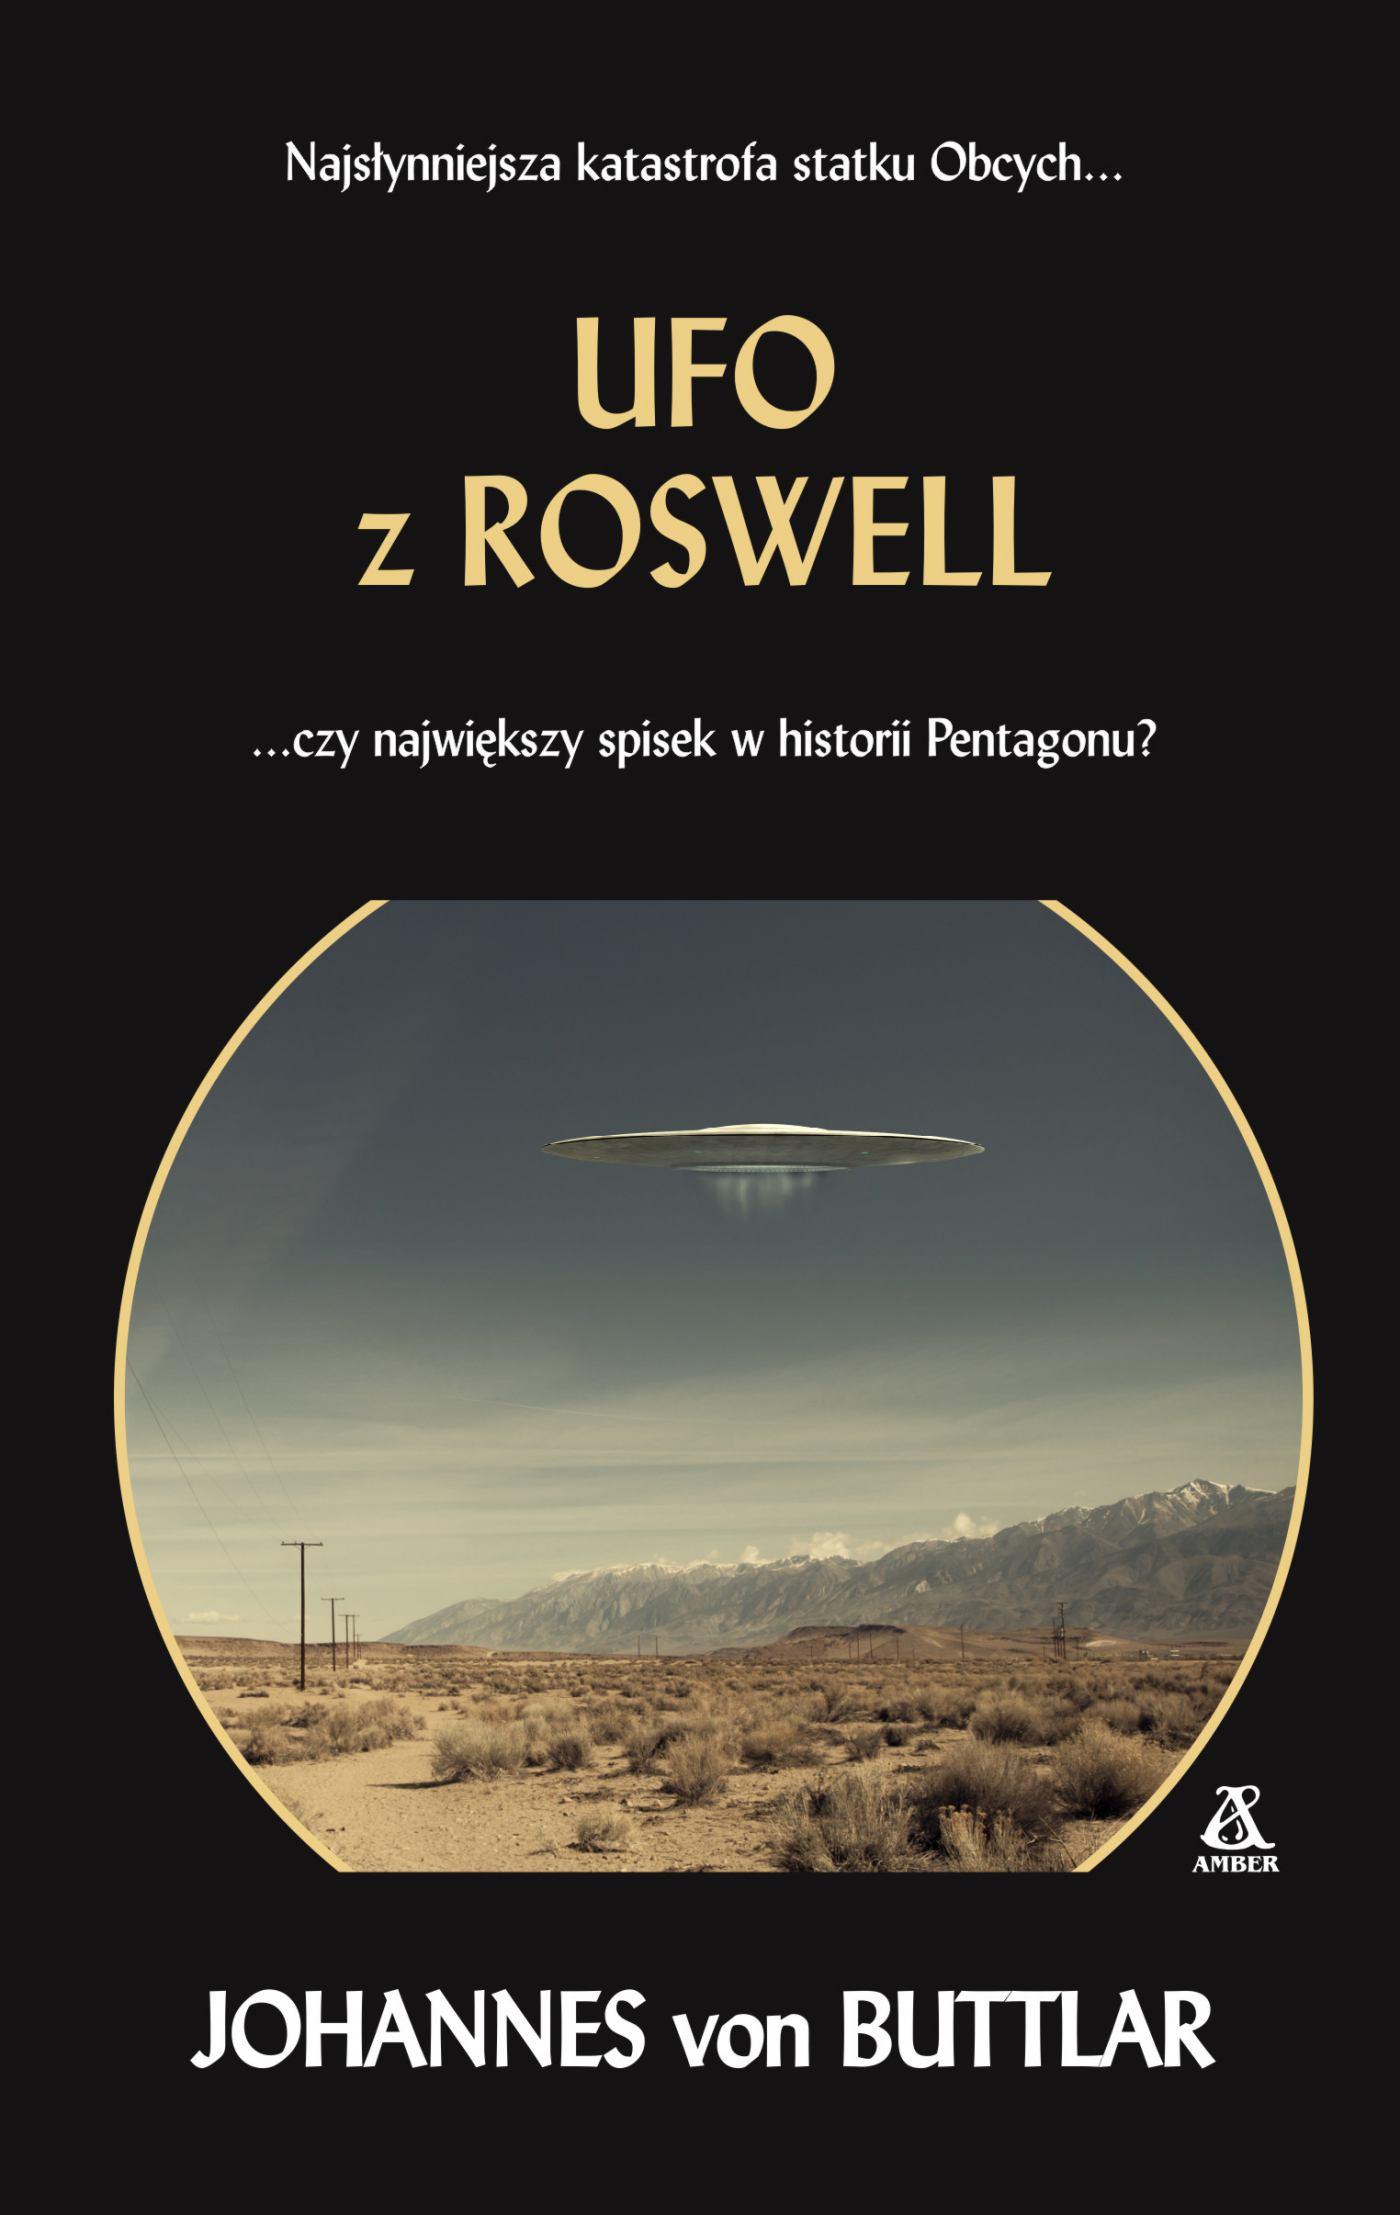 UFO z Roswell - Ebook (Książka EPUB) do pobrania w formacie EPUB